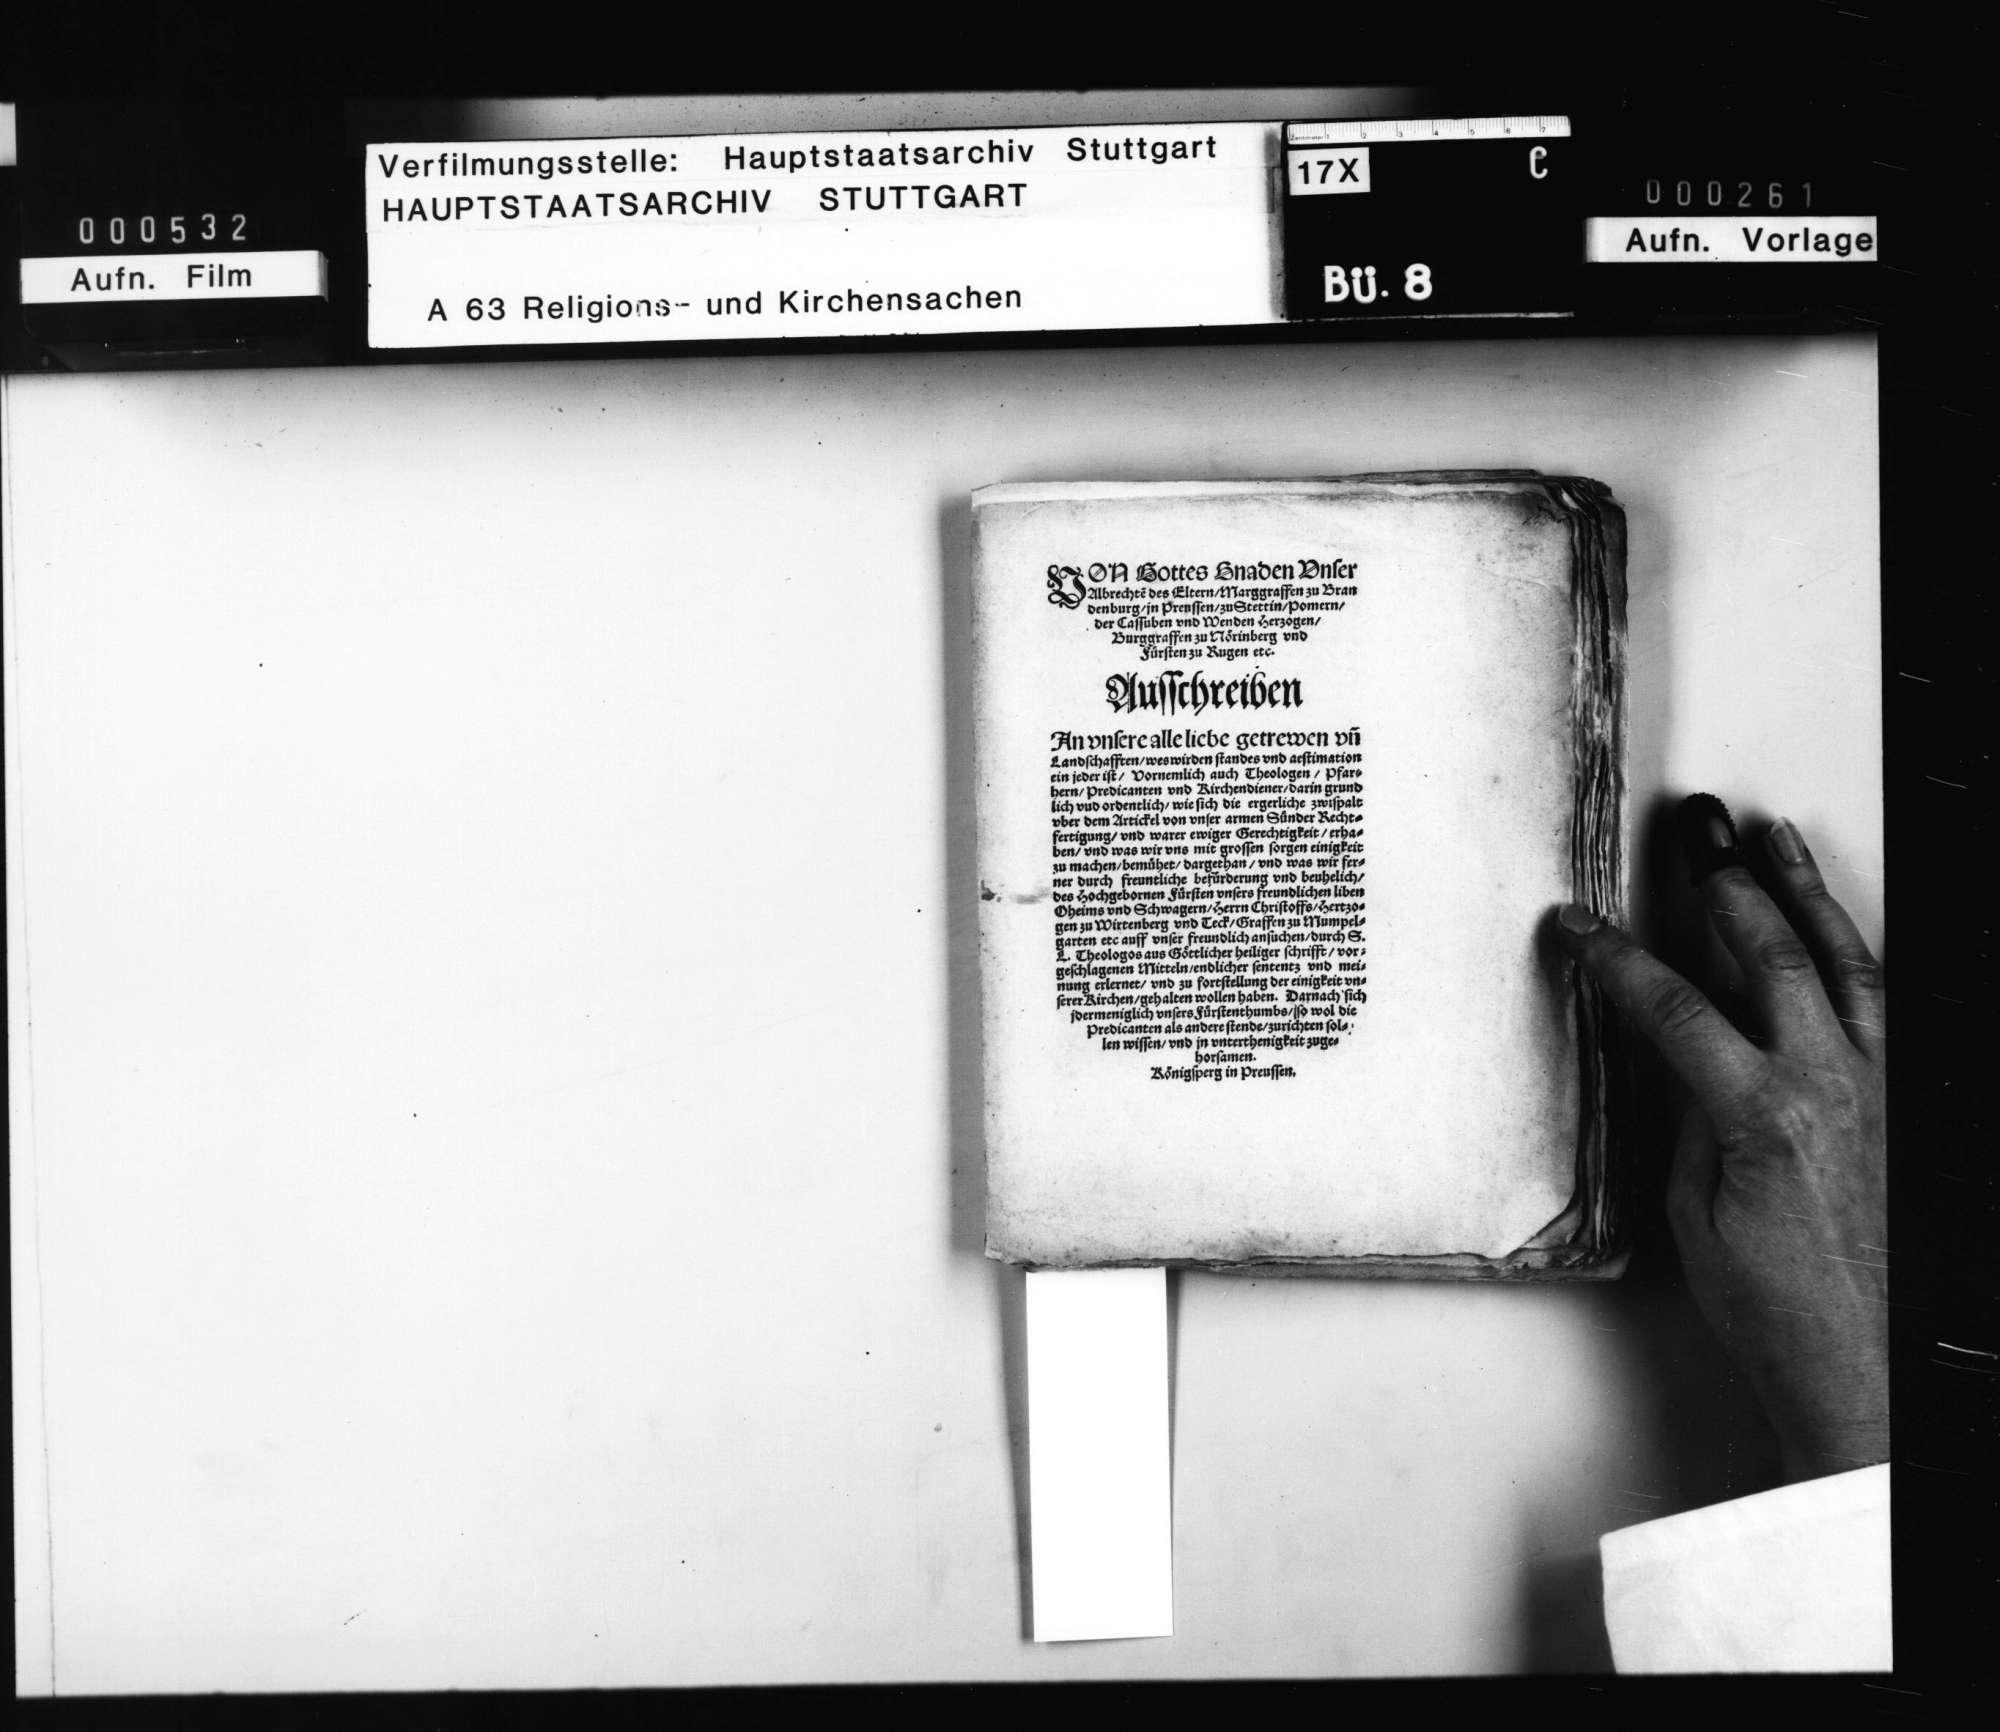 Einberufung der namhaften (brandenburg-preussischen) Theologen des Landes an der Universität Königsberg auf die Königsberger Versammlung auf den 11. Februar 1551 durch Markgraf Albrecht zu Brandenburg [..]., Bild 1